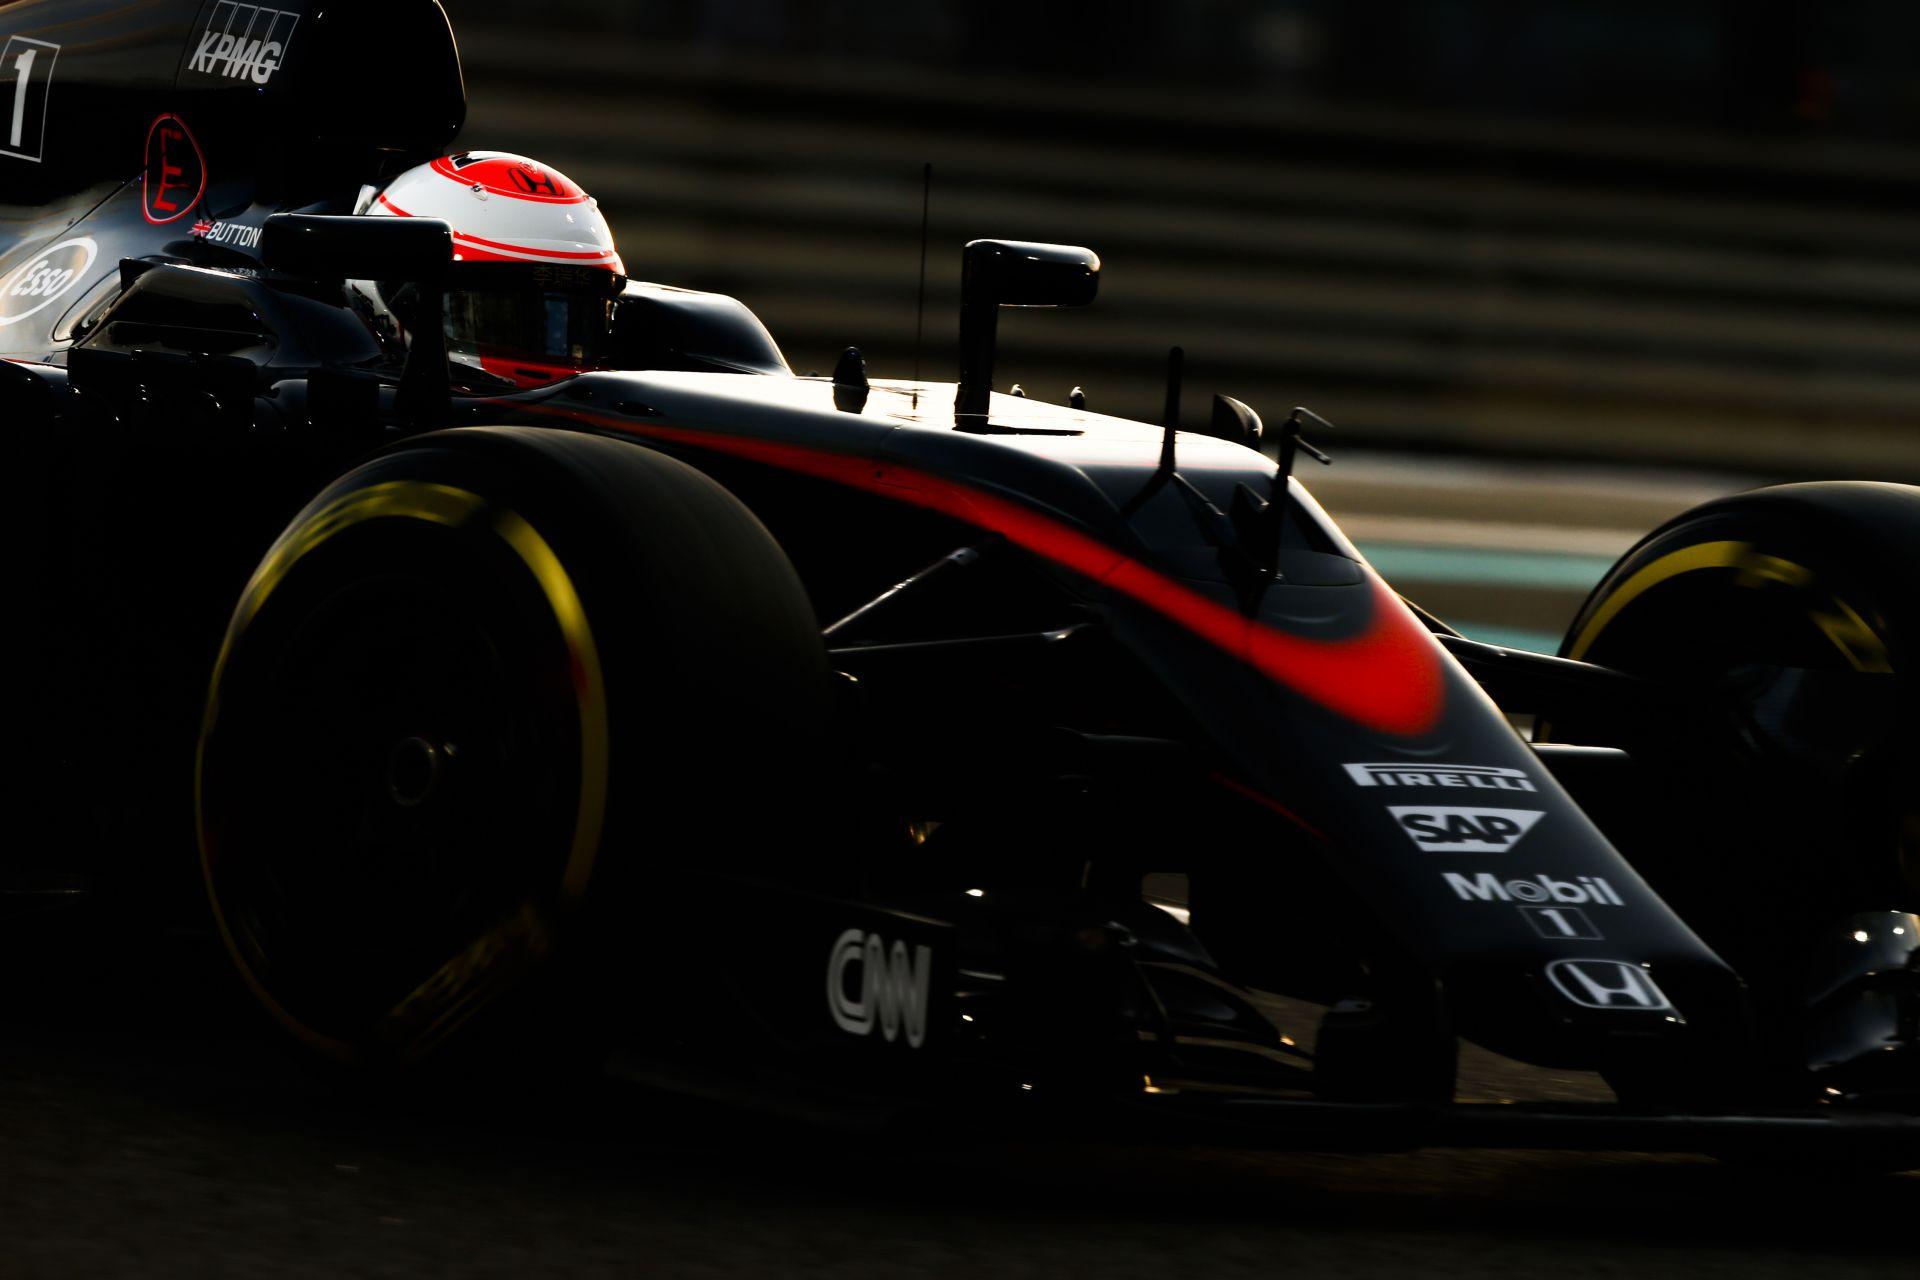 Warm-up: Már soha nem lesz jó szezonunk a Forma-1-ben? Legalább Vettel és Verstappen feldobta az ideit